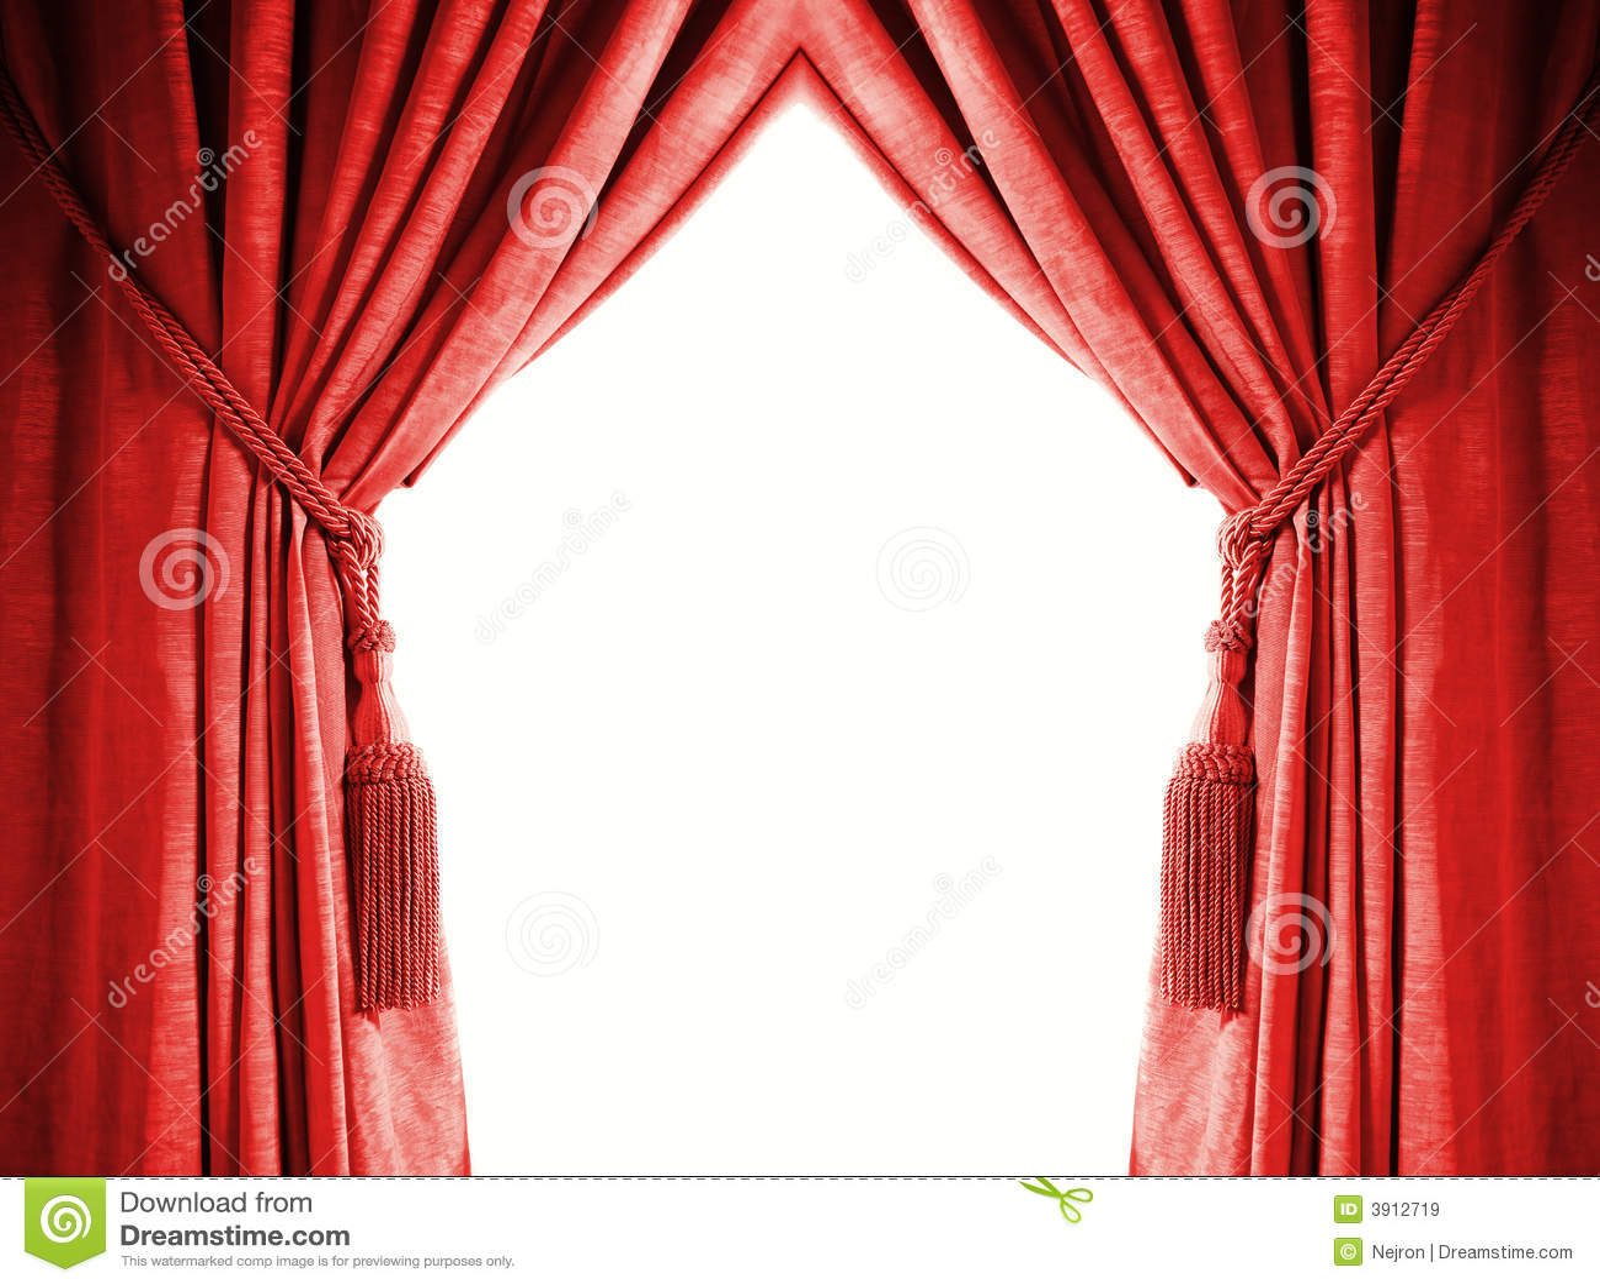 rideau de luxe images libres de droits image 3912719